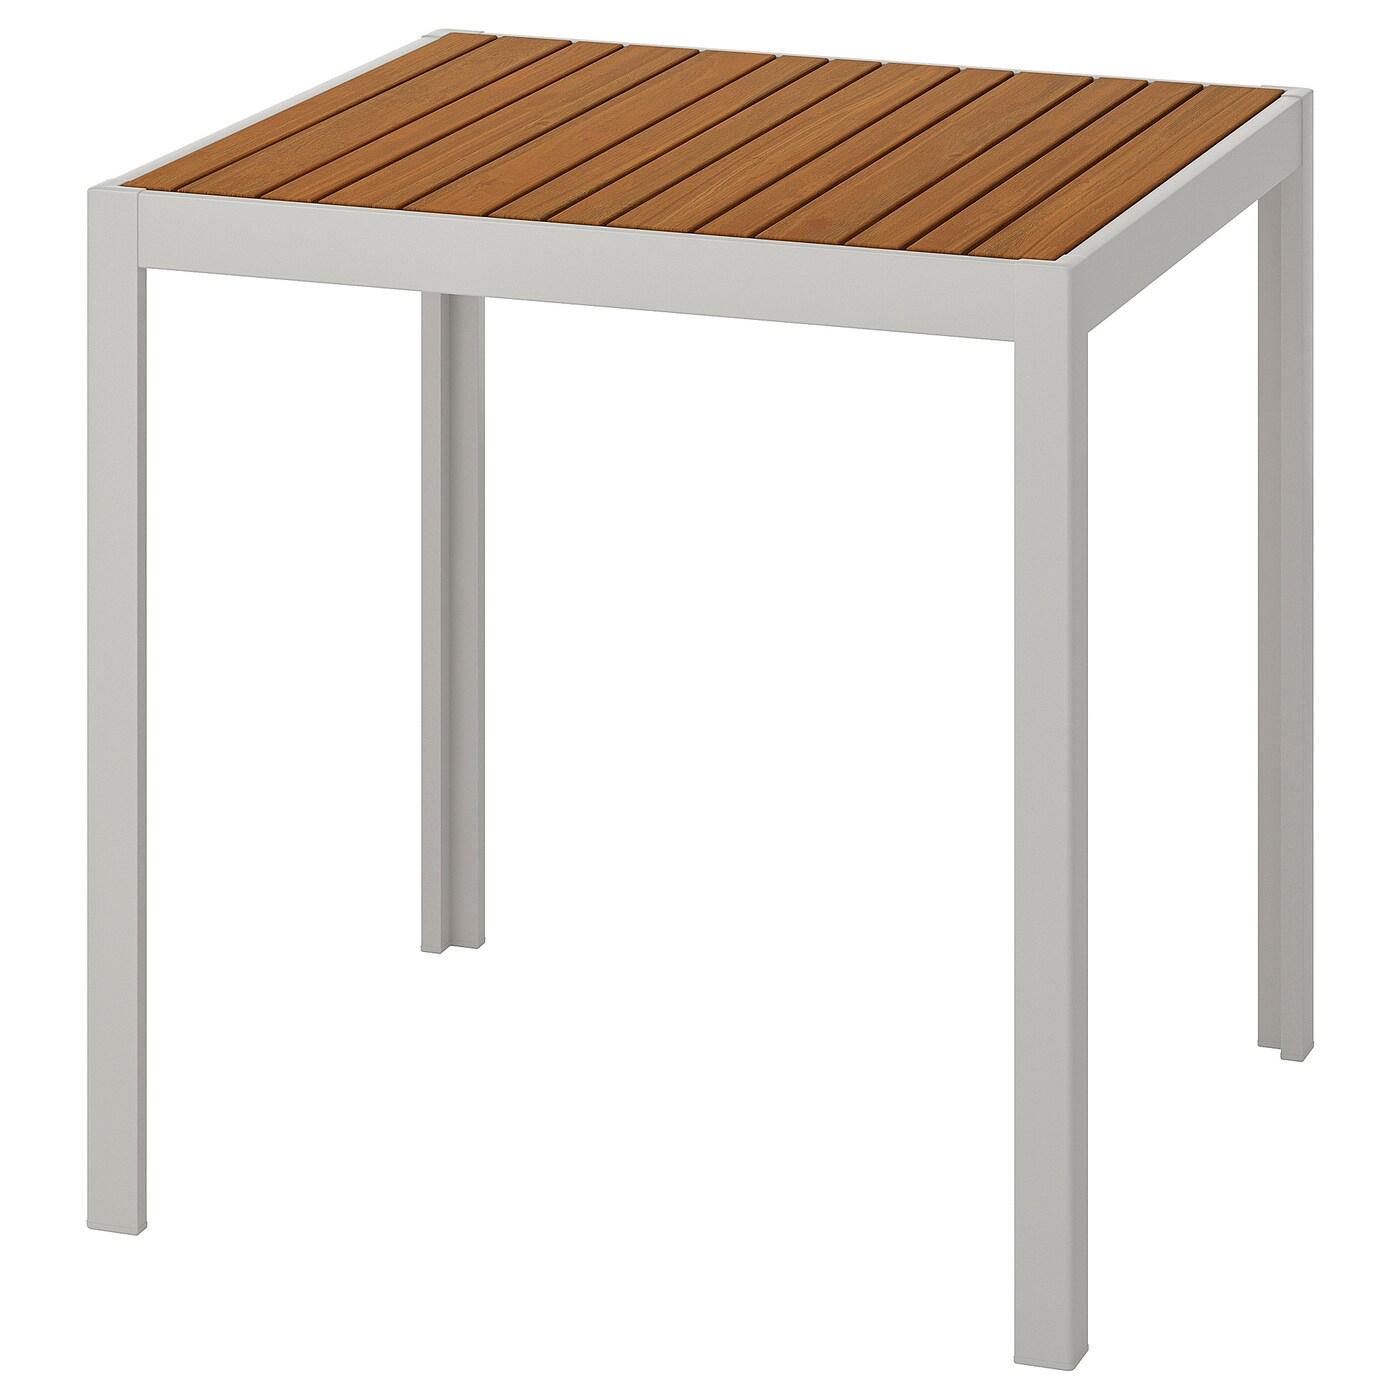 Garden Table - Wooden Garden Table - Outdoor Table - Ikea